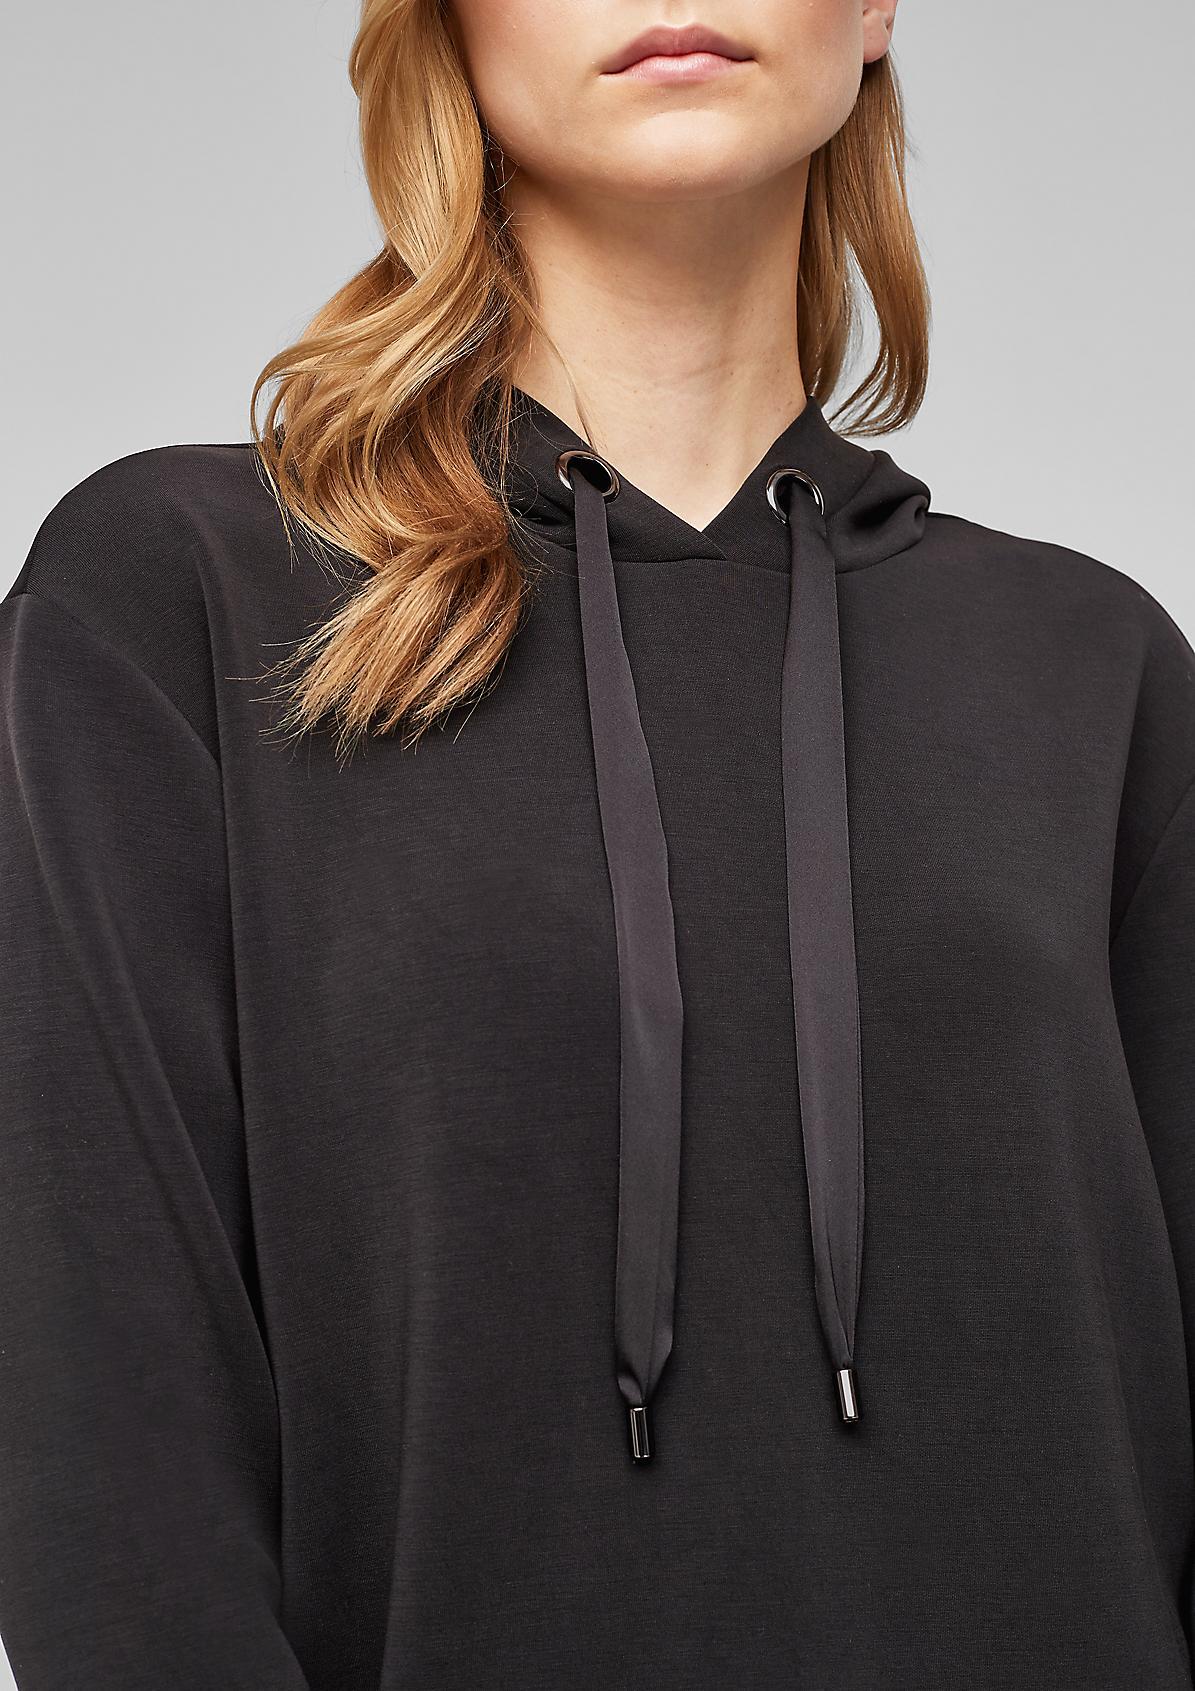 Scuba-Sweatshirt mit satinierter Kapuze